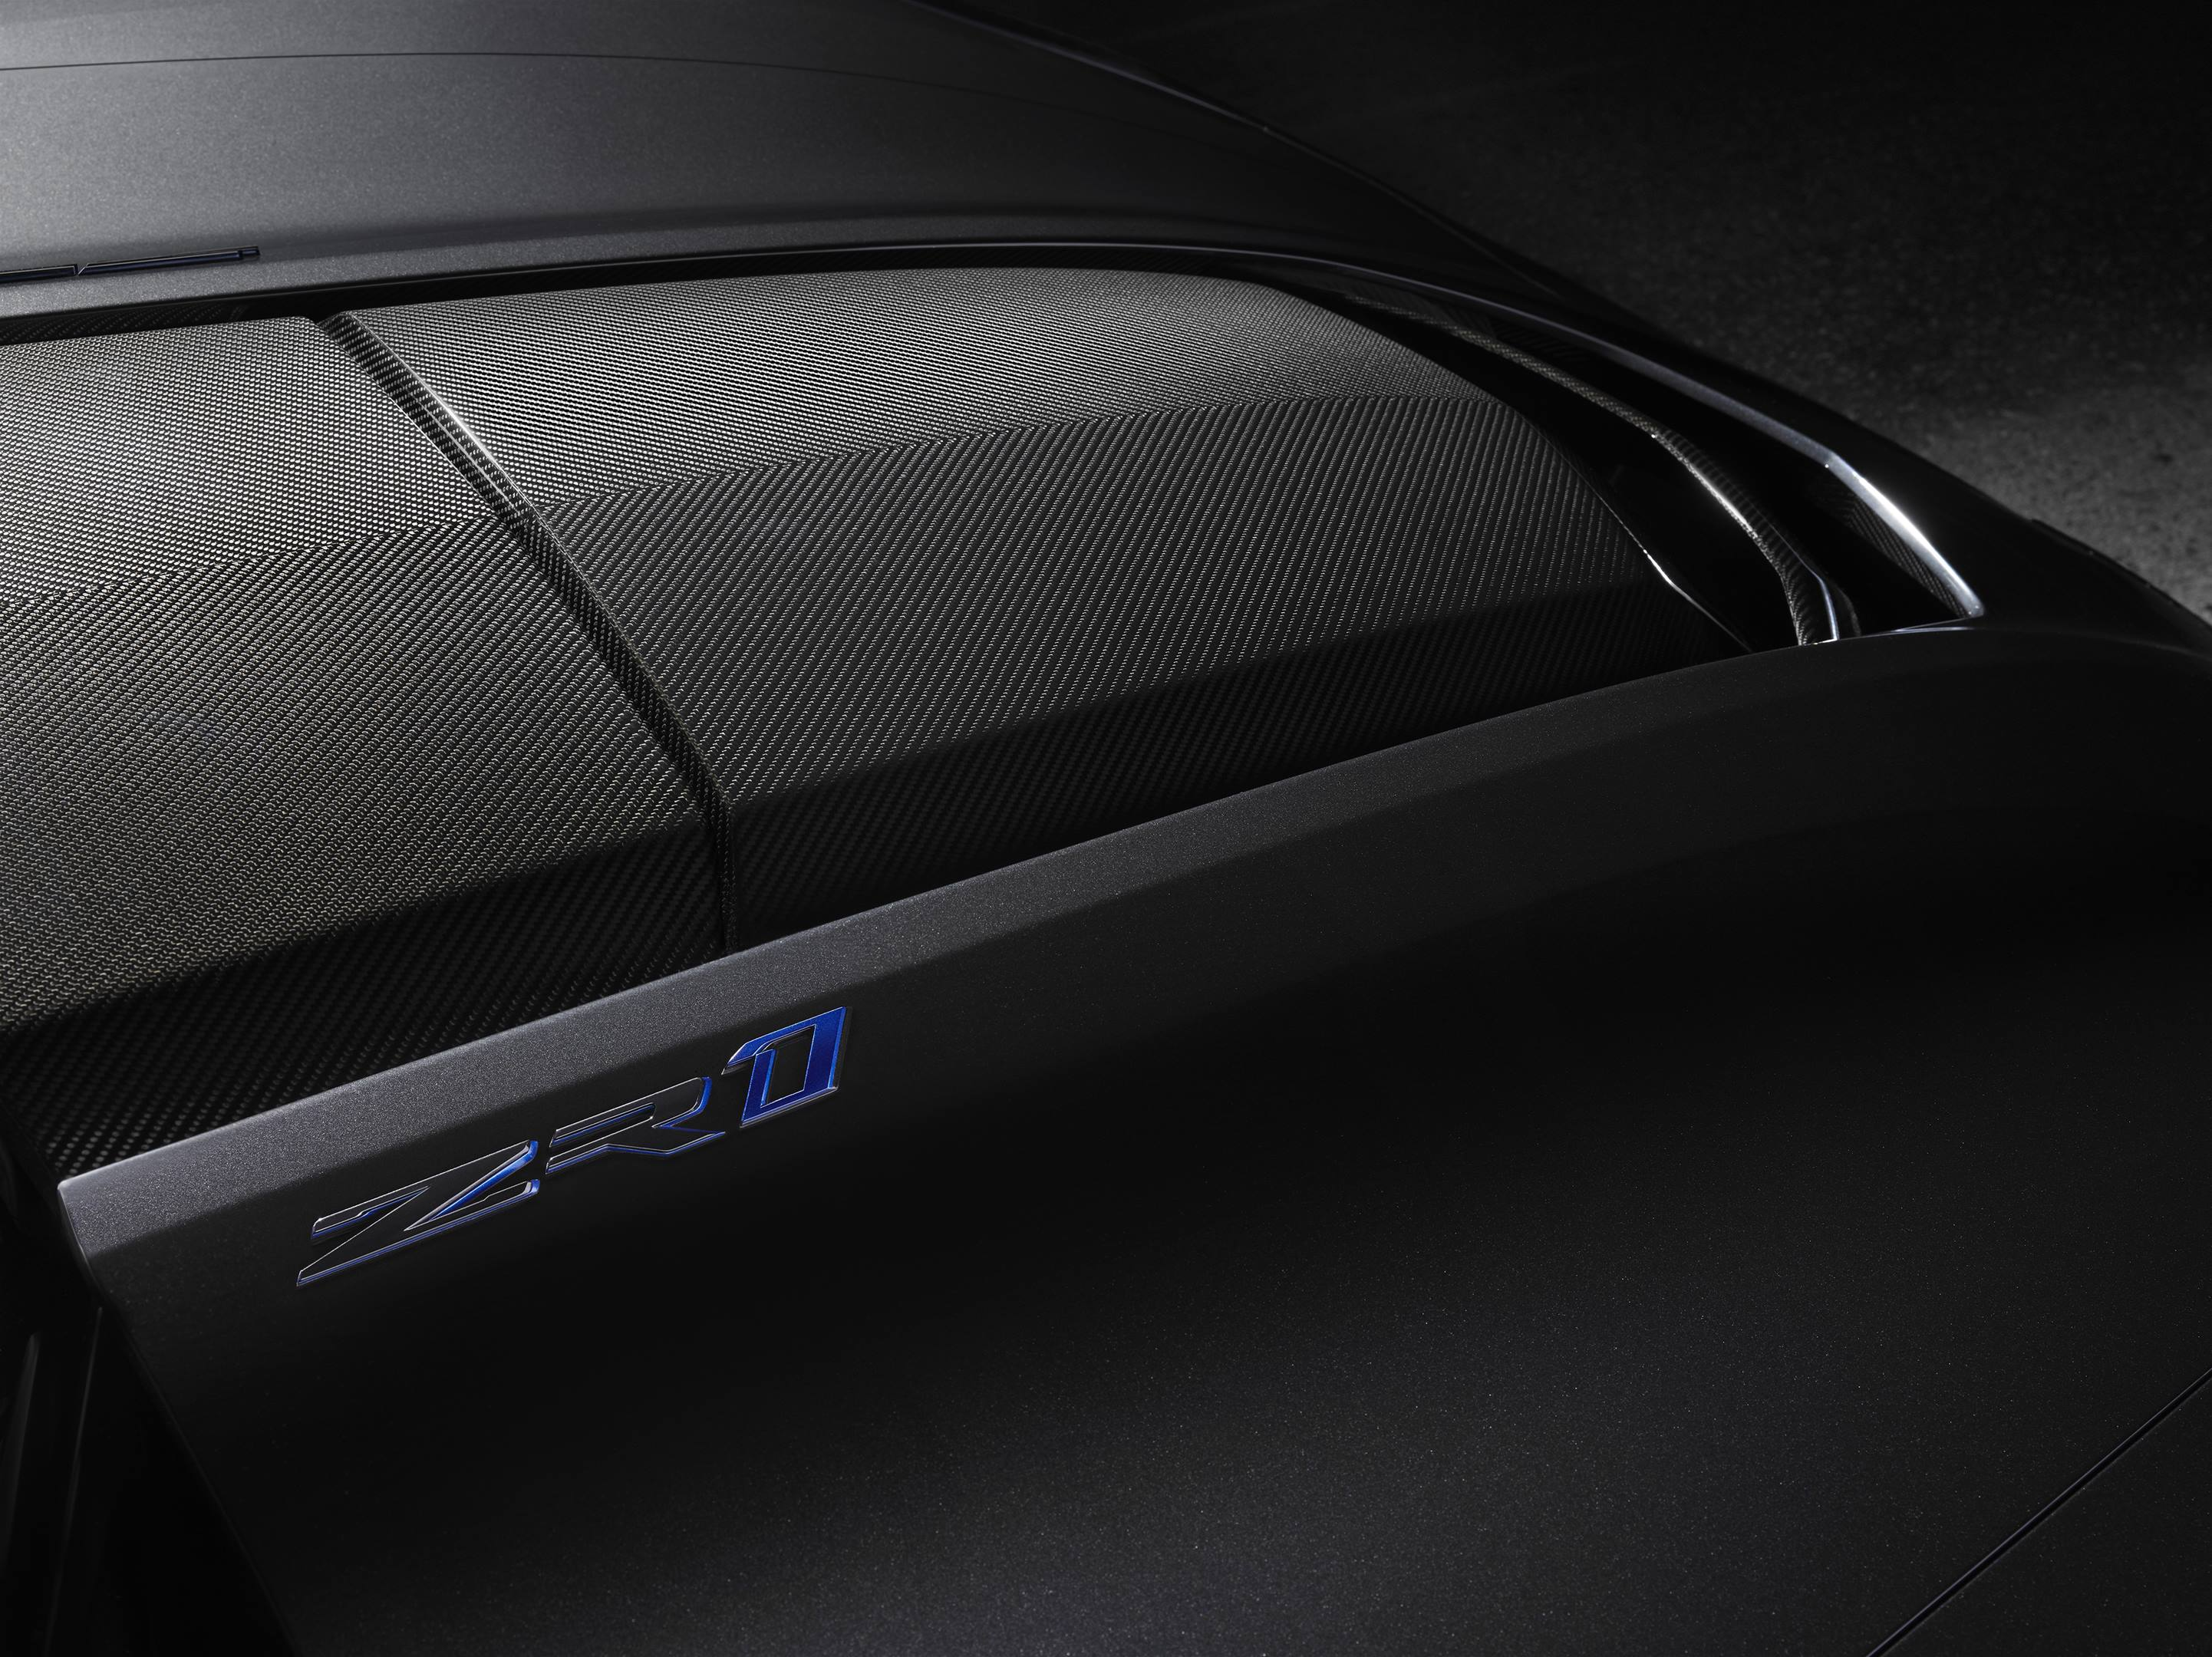 2019 Chevrolet Corvette ZR1 Hood Scoop Detail shot